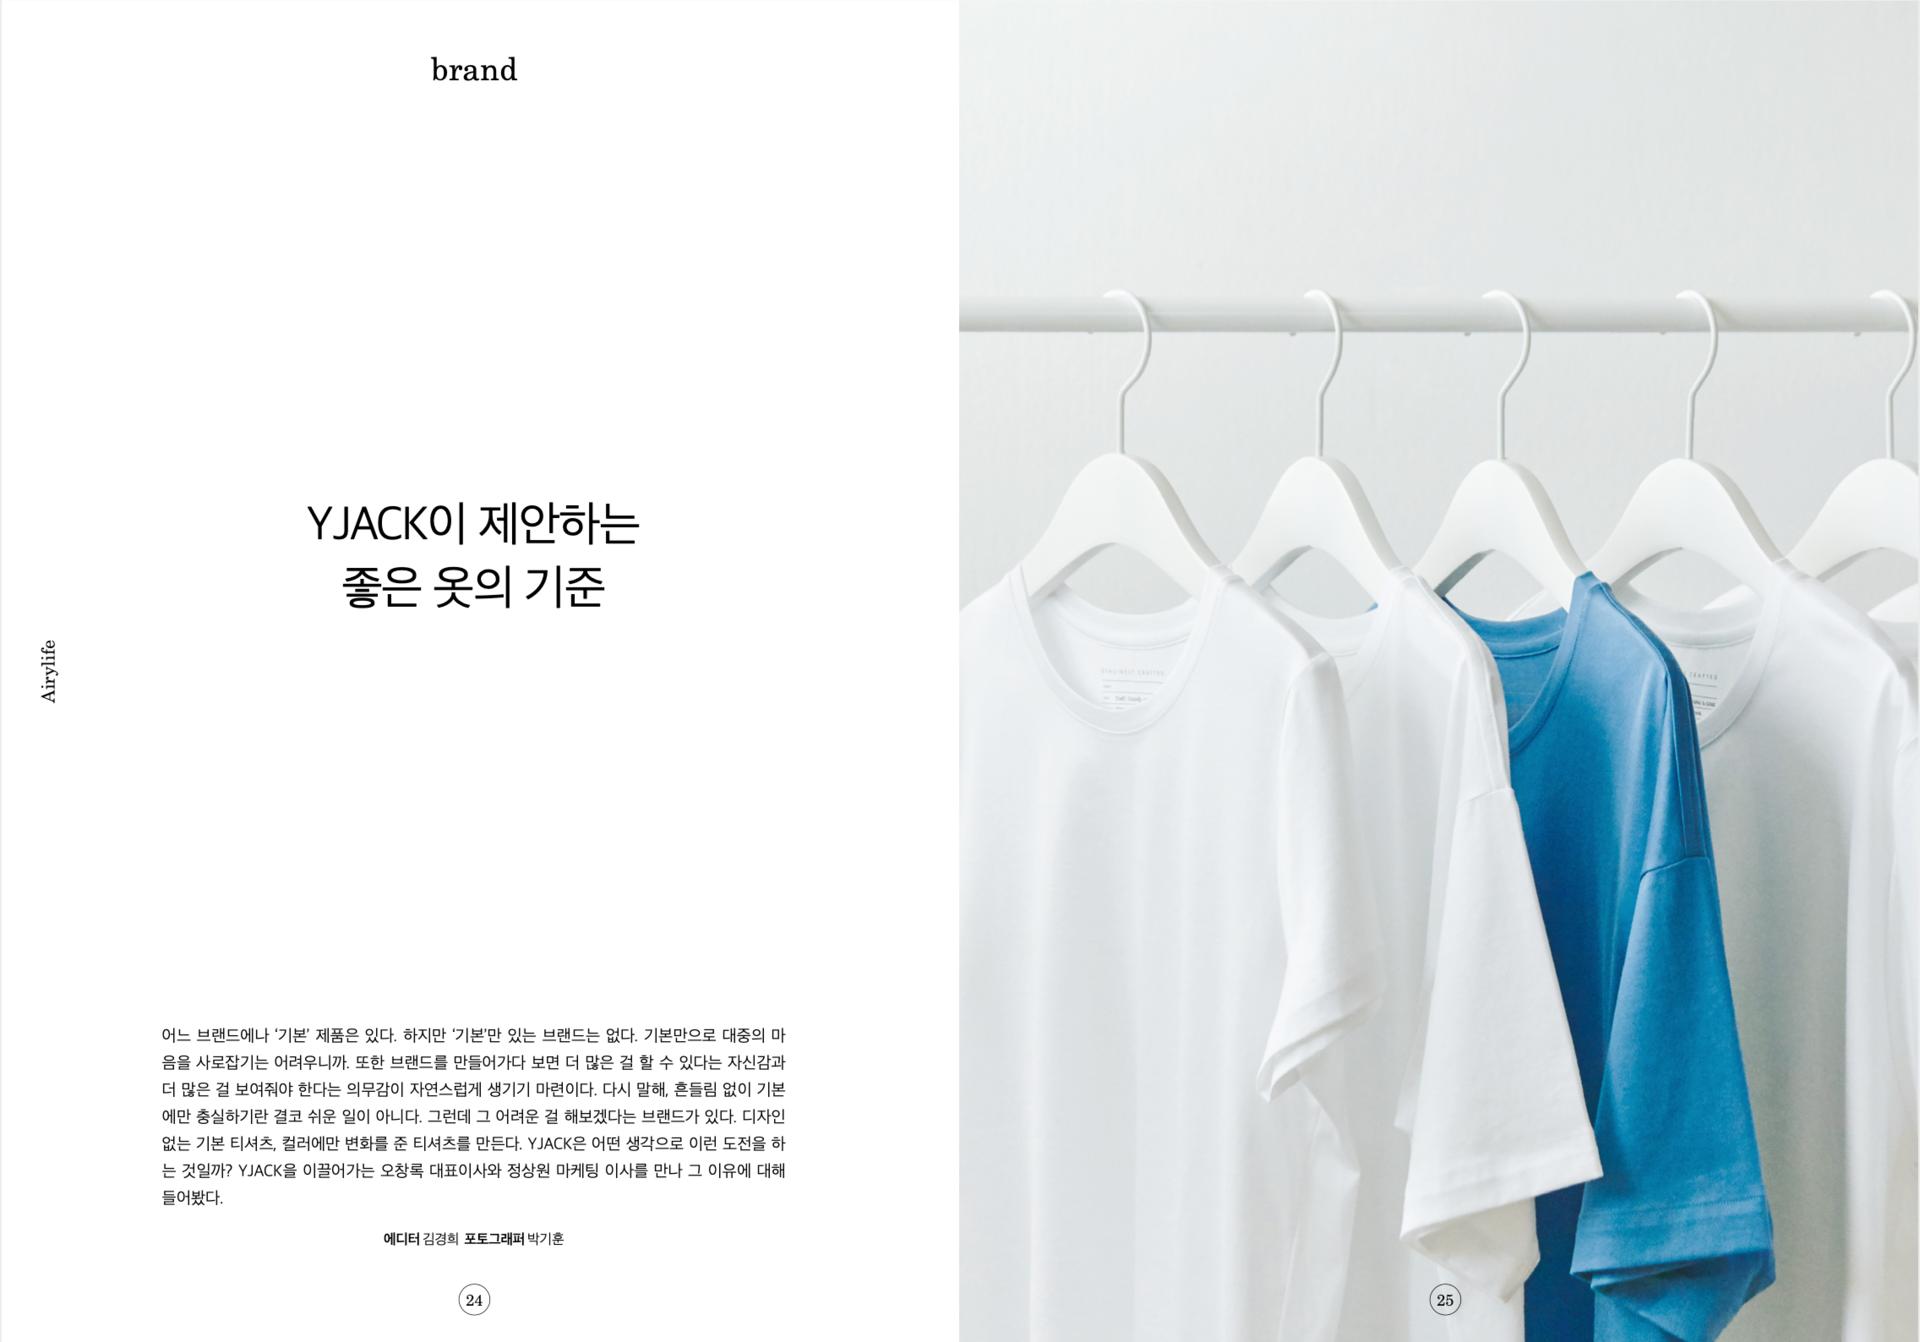 YJACK이 제안하는 좋은 옷의 기준 (에어리 라이프-AIRYLIFE)